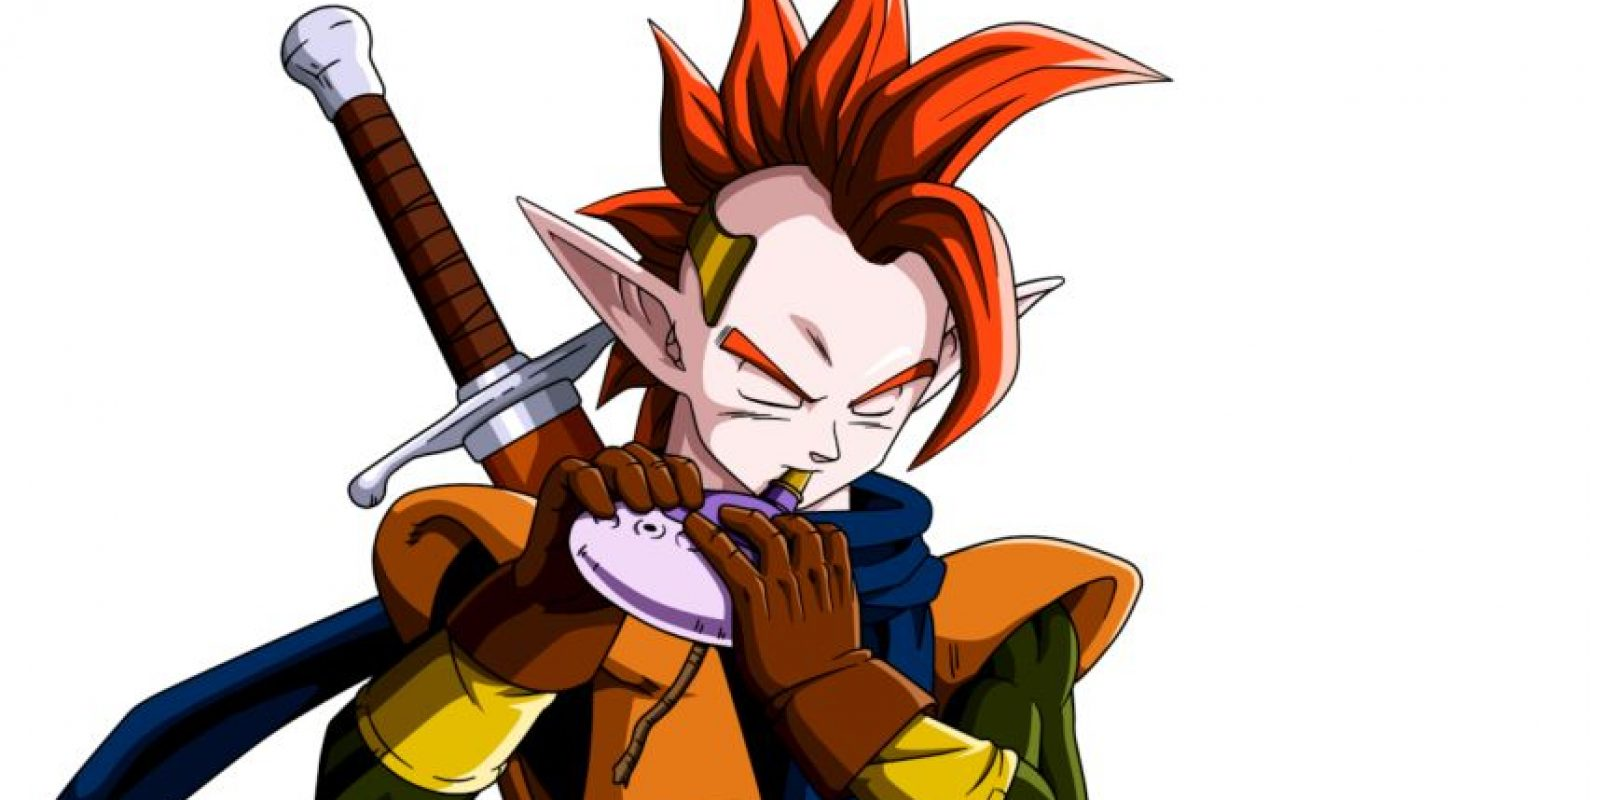 """El mismo que usa """"Tapion"""", uno de los héroes de la saga. Foto:dragonball.wikia.com"""